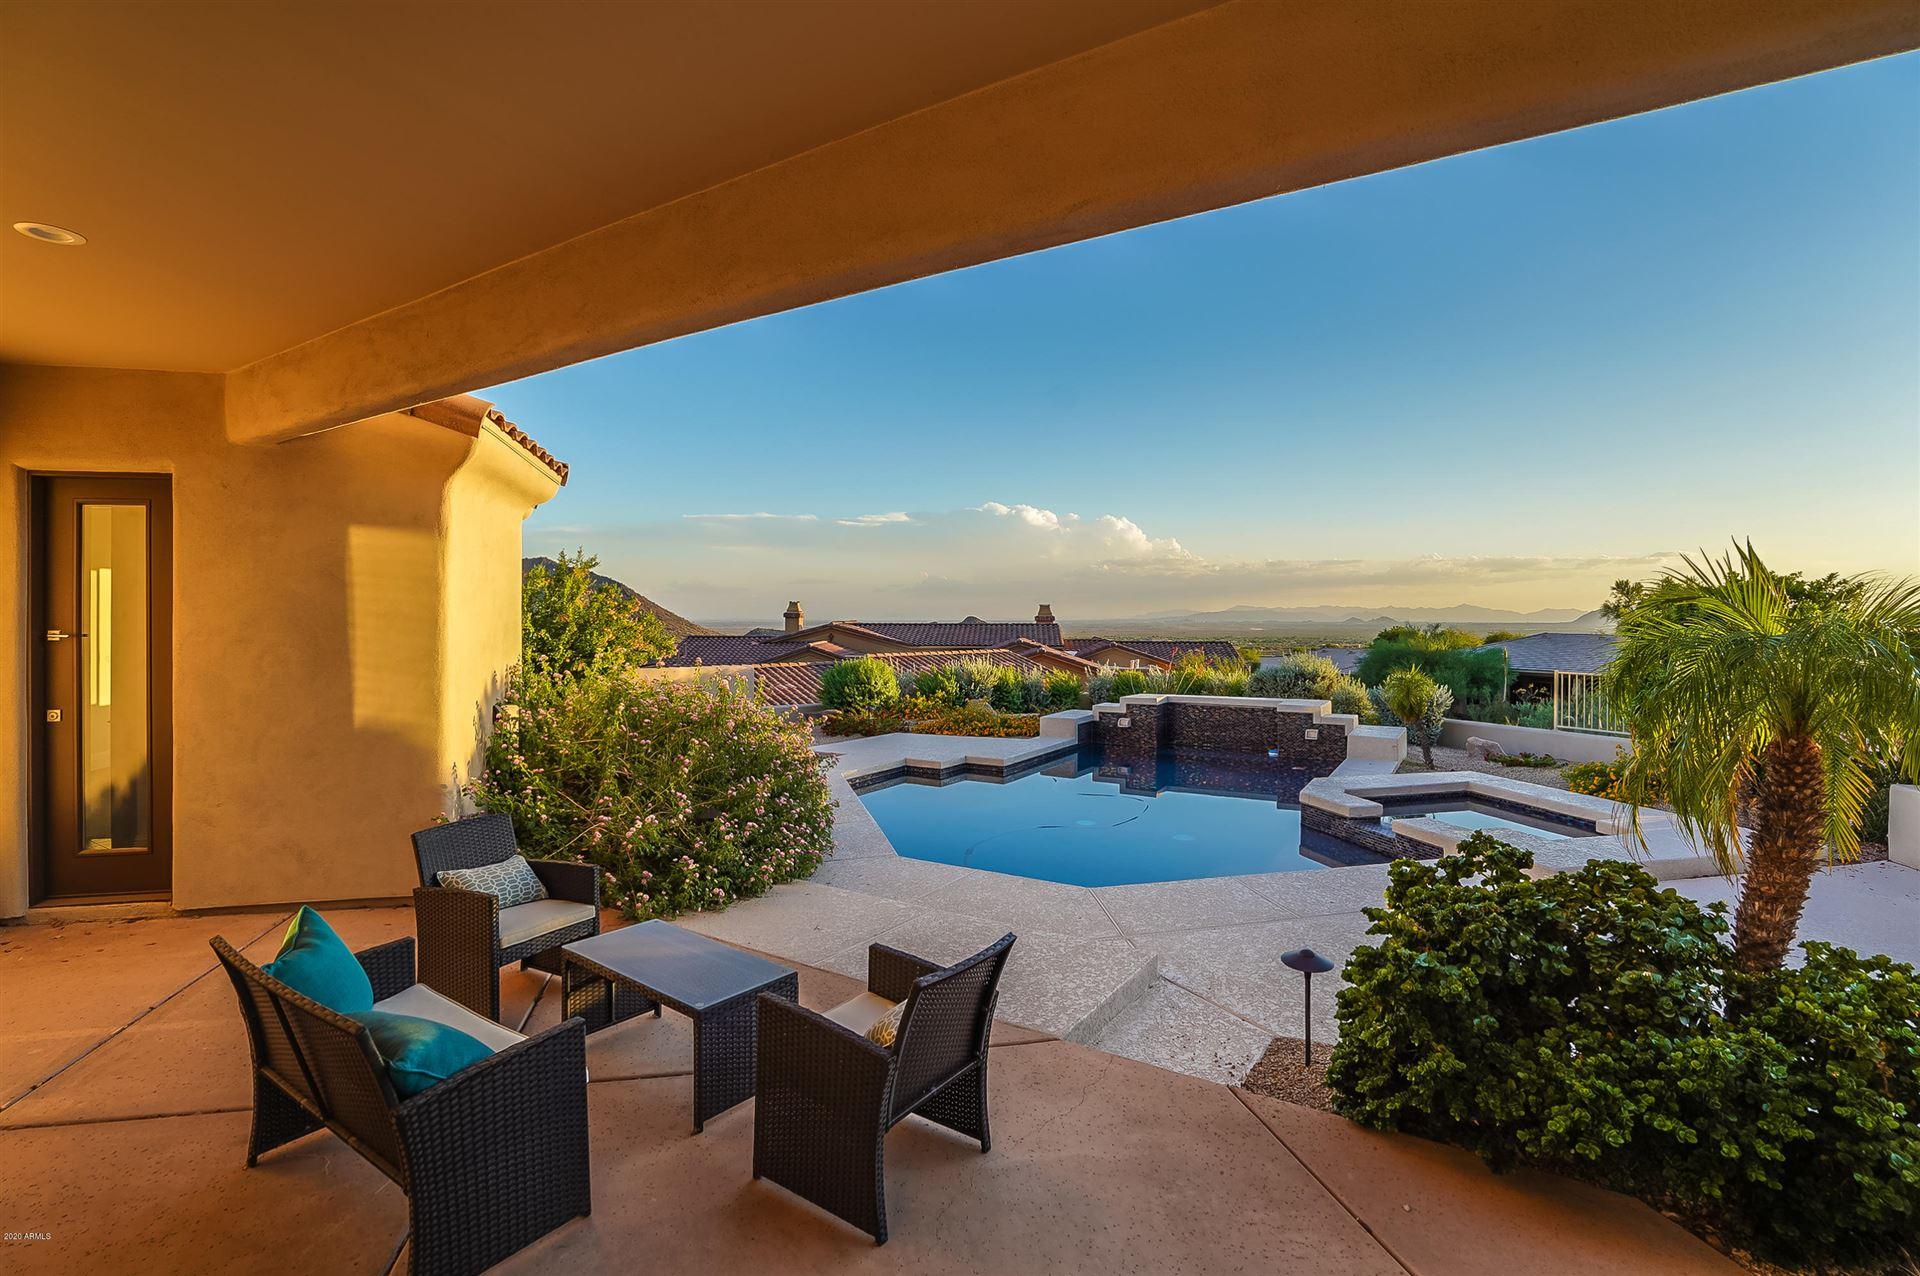 12402 N 138TH Place, Scottsdale, AZ 85259 - #: 6034285